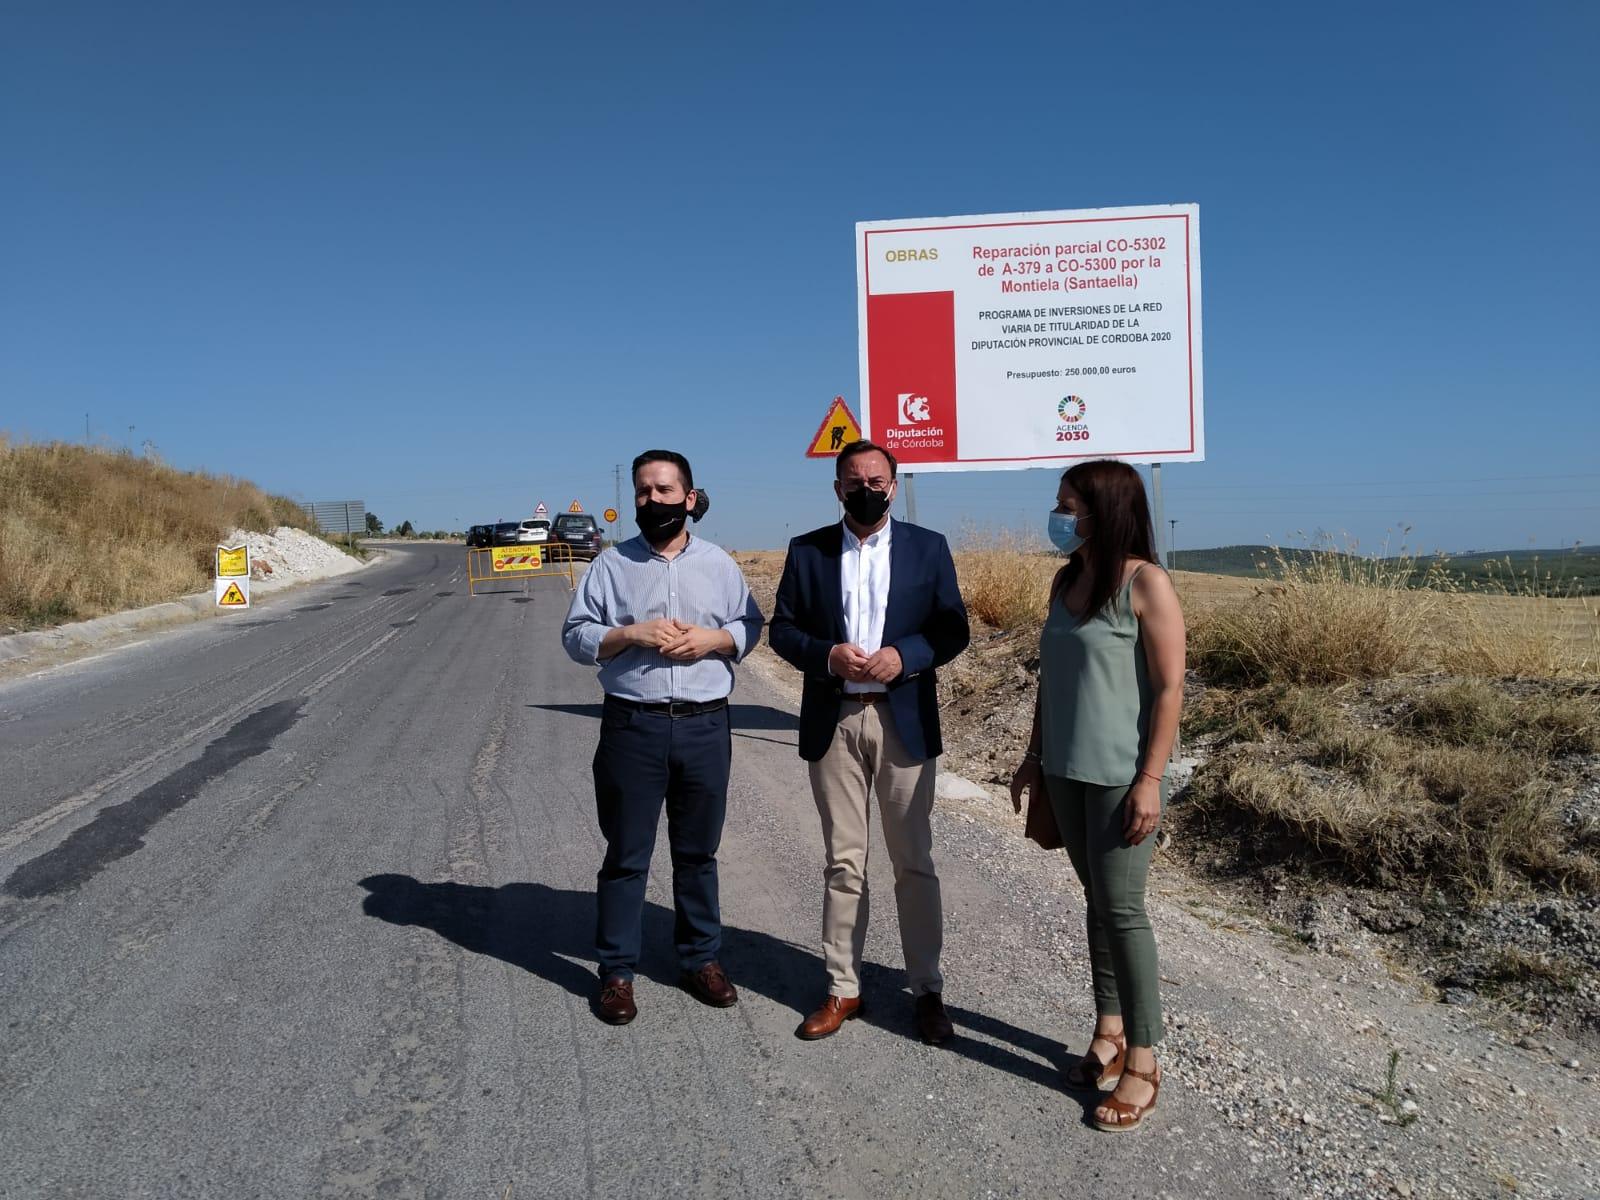 La Delegación de Carreteras de la Diputación actúa en la CO-5302 a su paso por La Montiela